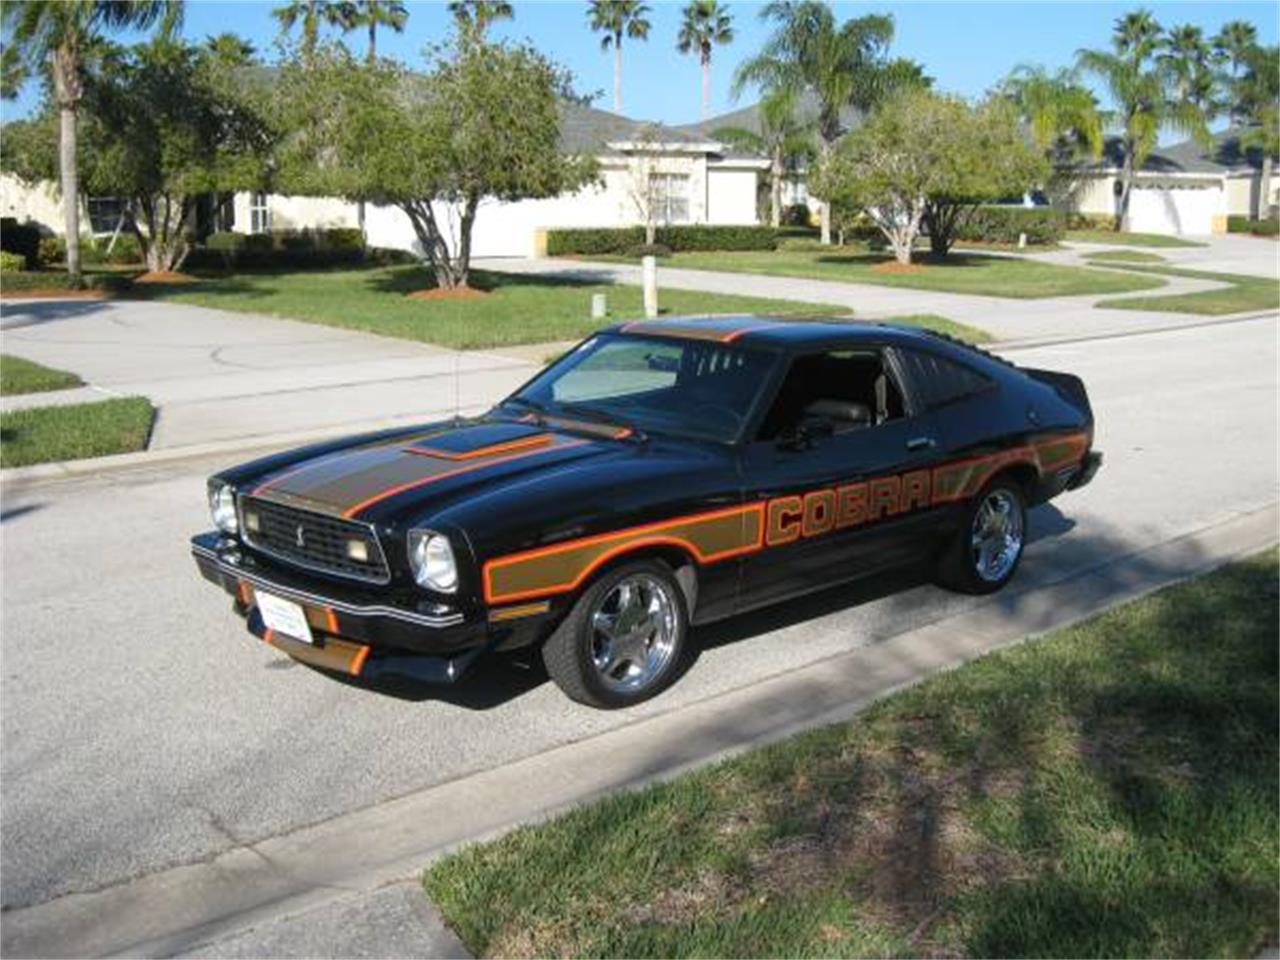 1978 Mustang 2 King Cobra Price